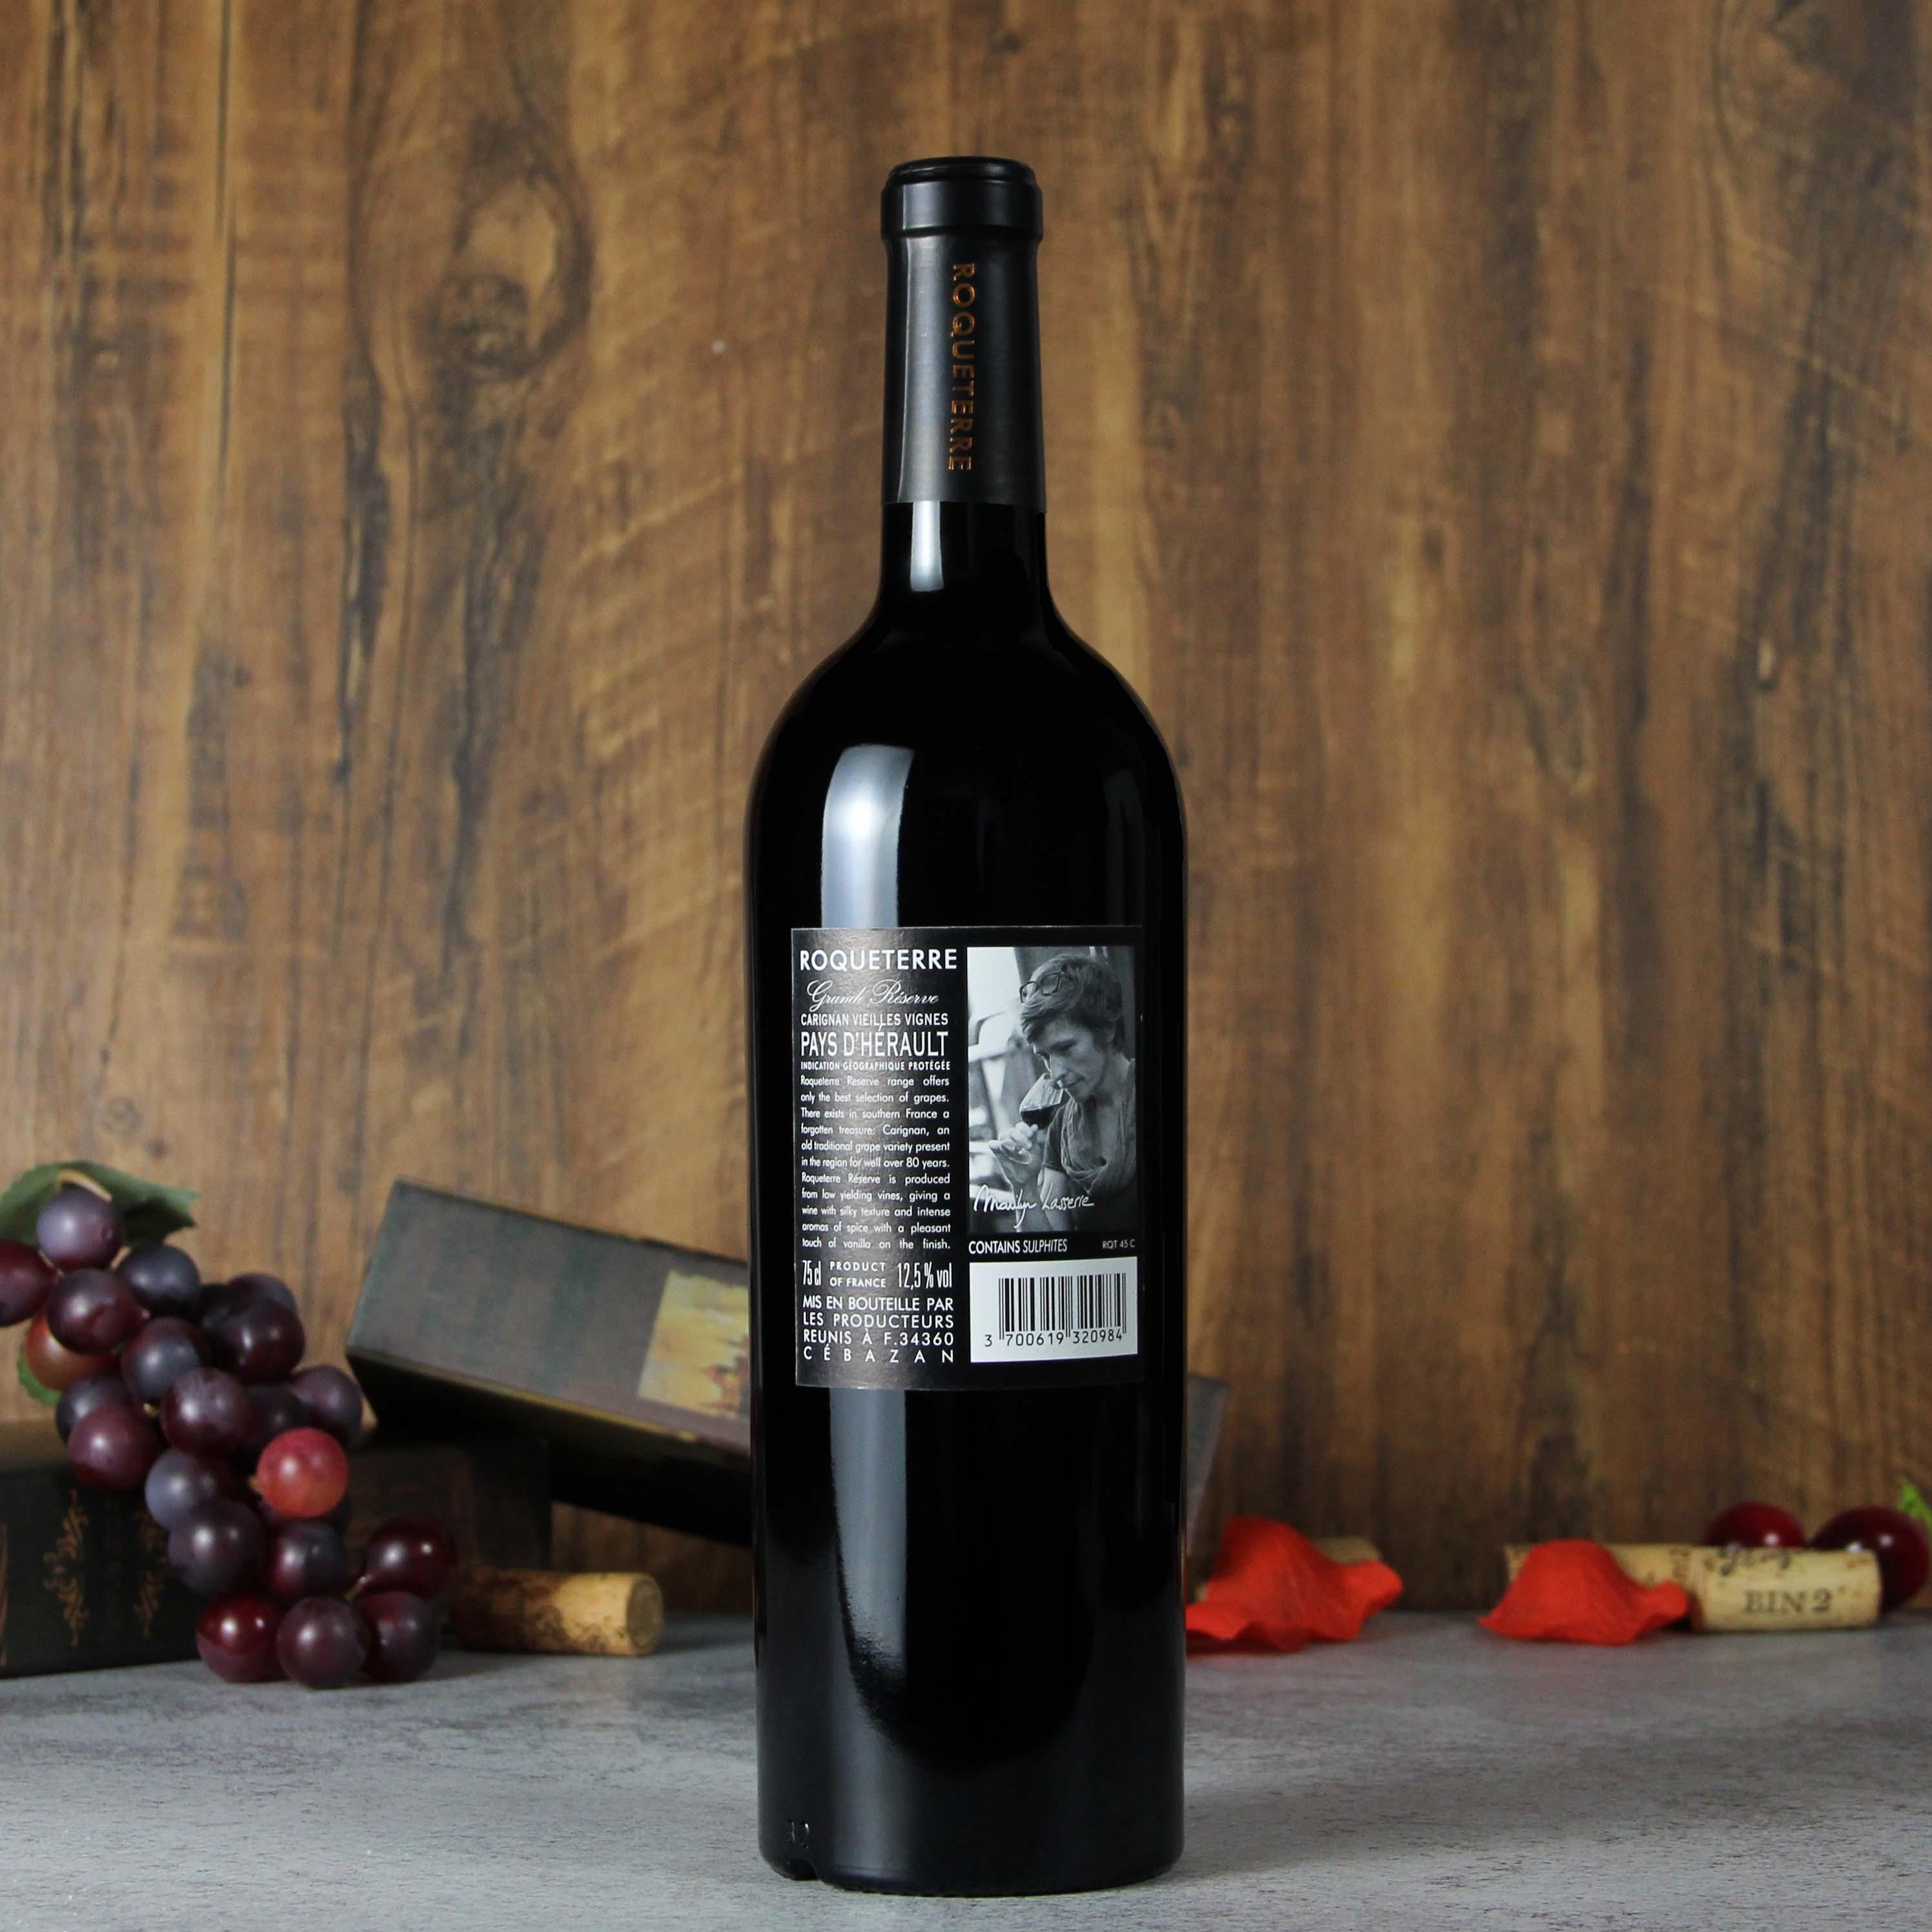 法国南部大地珍藏佳丽酿黑标80年老藤igp干红葡萄酒